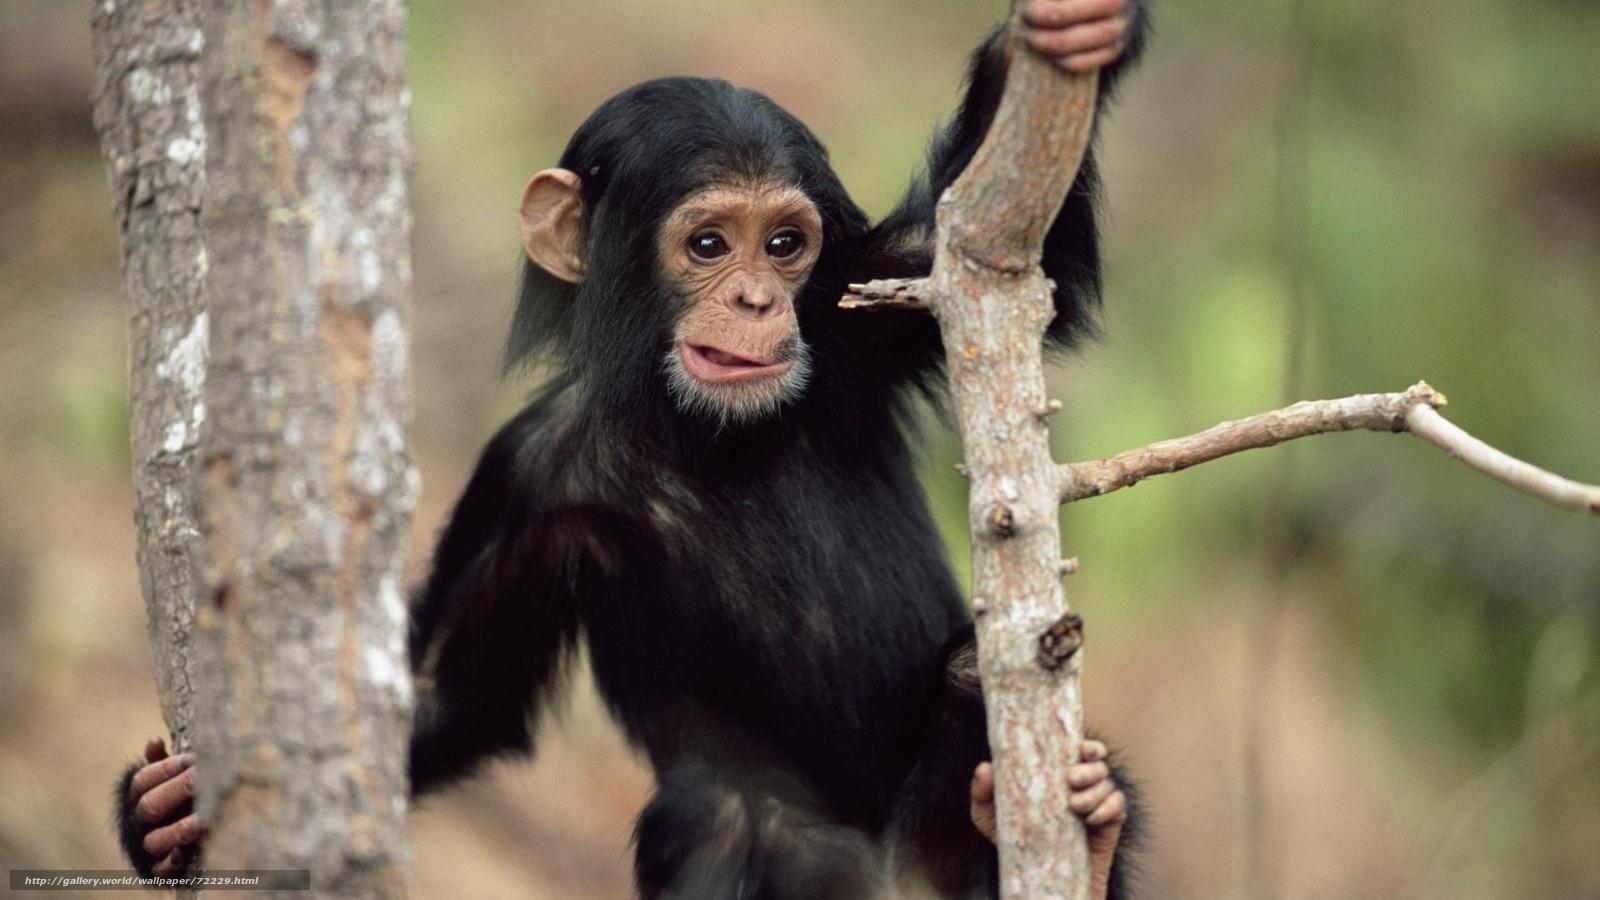 Скачать обои животные,  обои с животными,  обезьяна,  удивление бесплатно для рабочего стола в разрешении 1920x1080 — картинка №72229